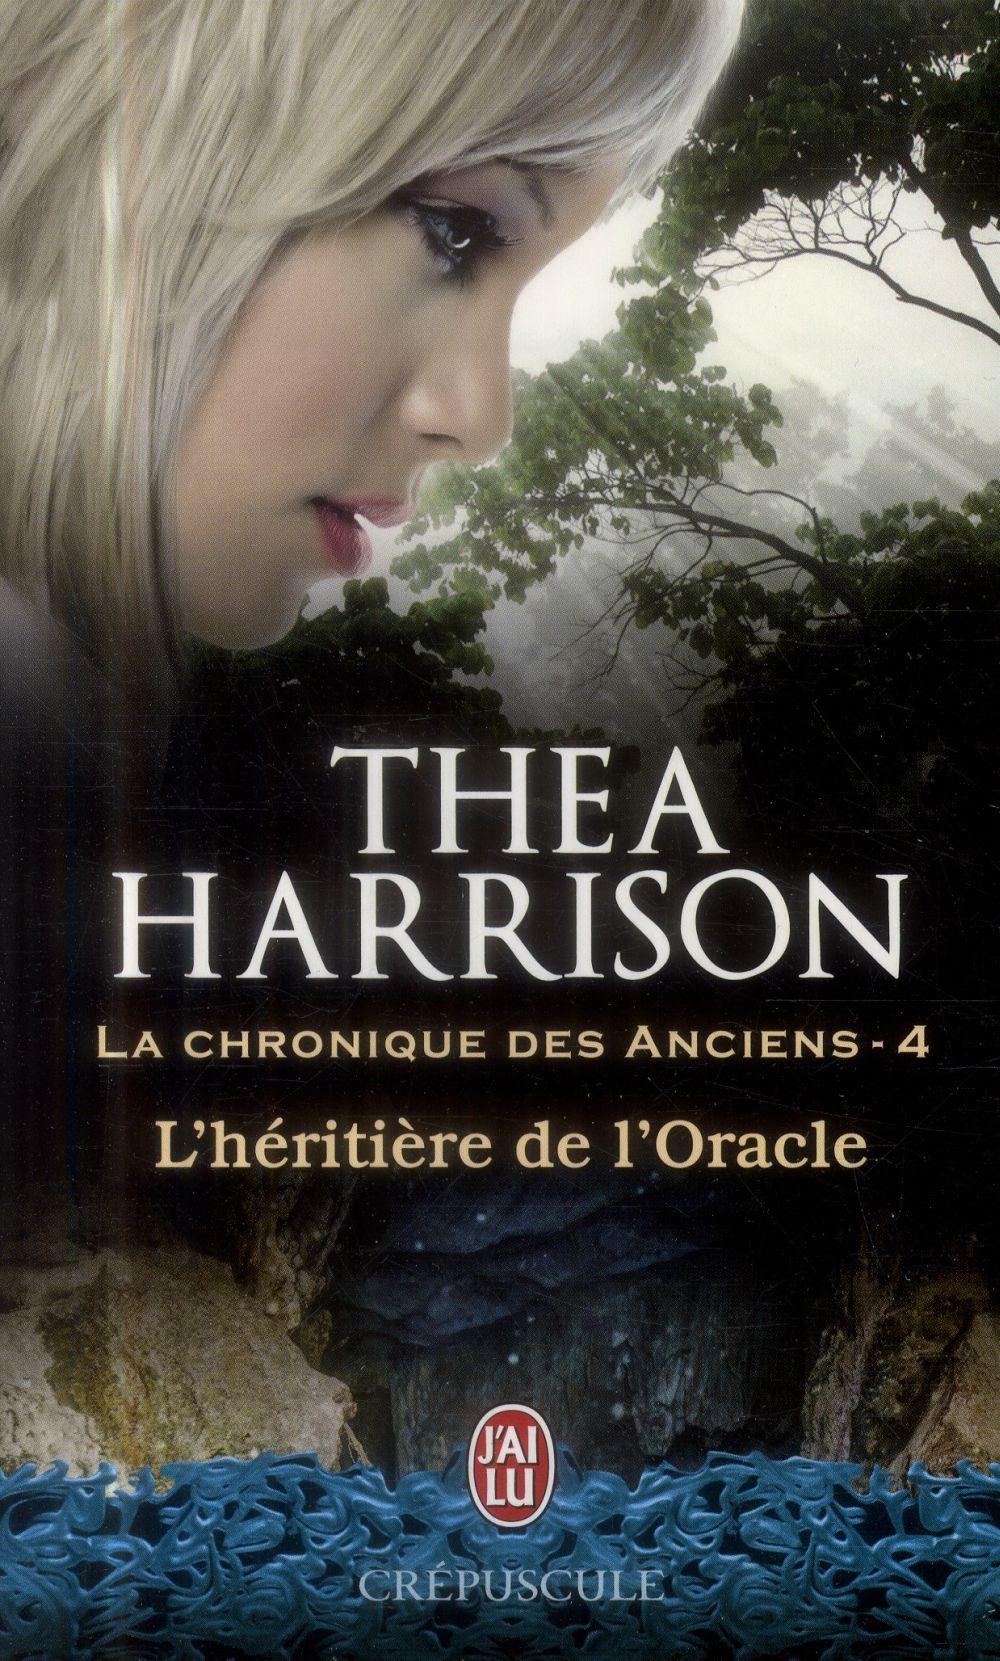 LA CHRONIQUE DES ANCIENS - 4 - L'HERITIERE DE L'ORACLE